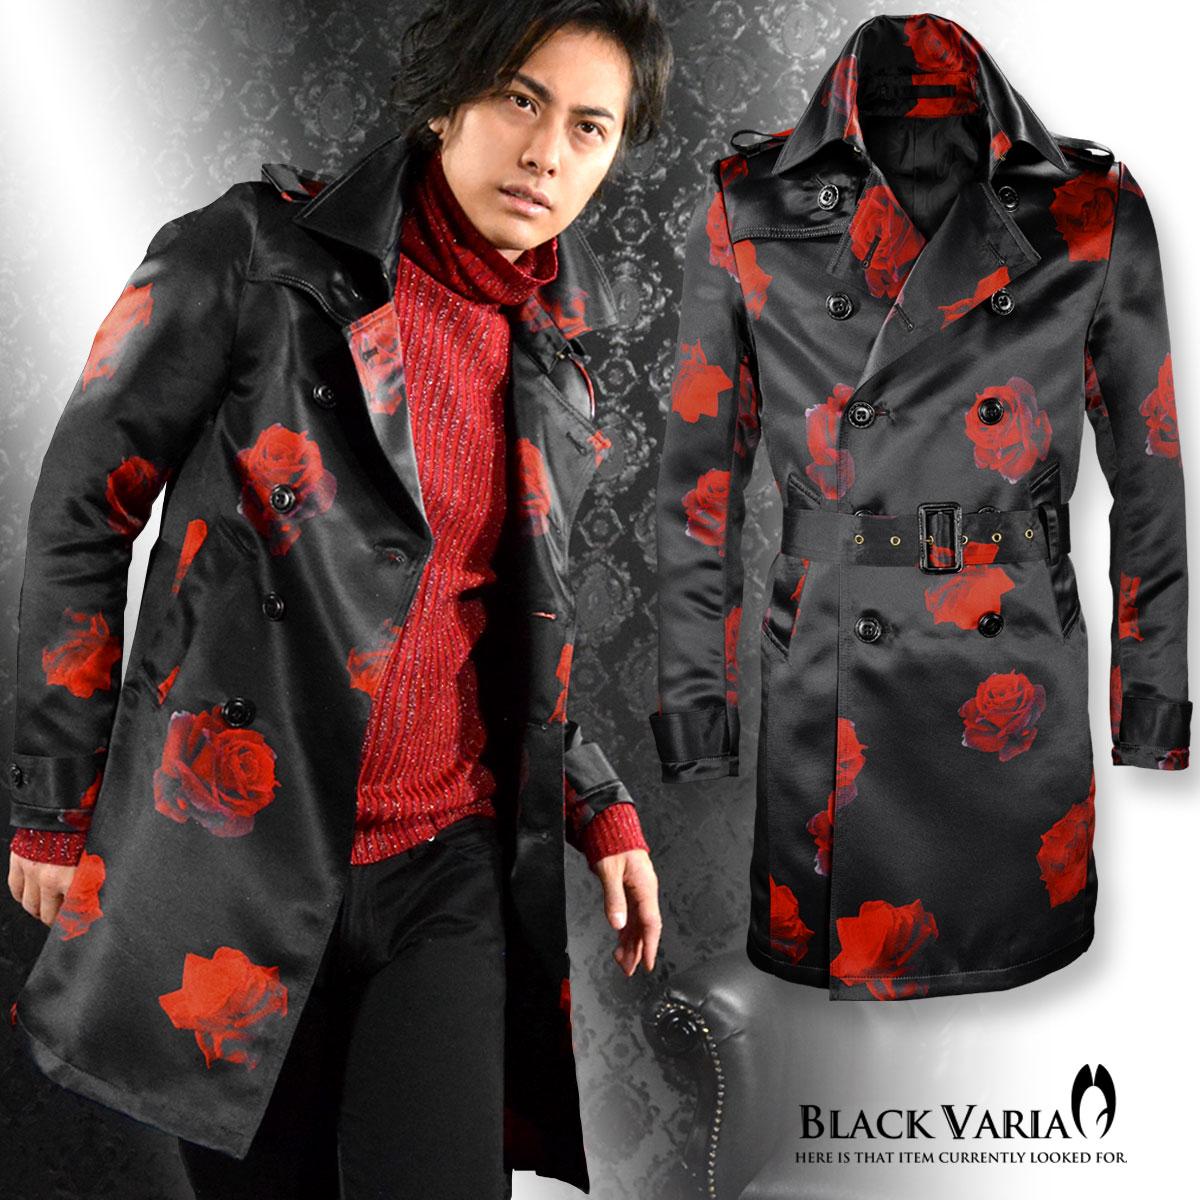 トレンチコート 花柄 バラ柄 薔薇 光沢 ダブル コート メンズ mens(ブラック黒レッド赤) 162205